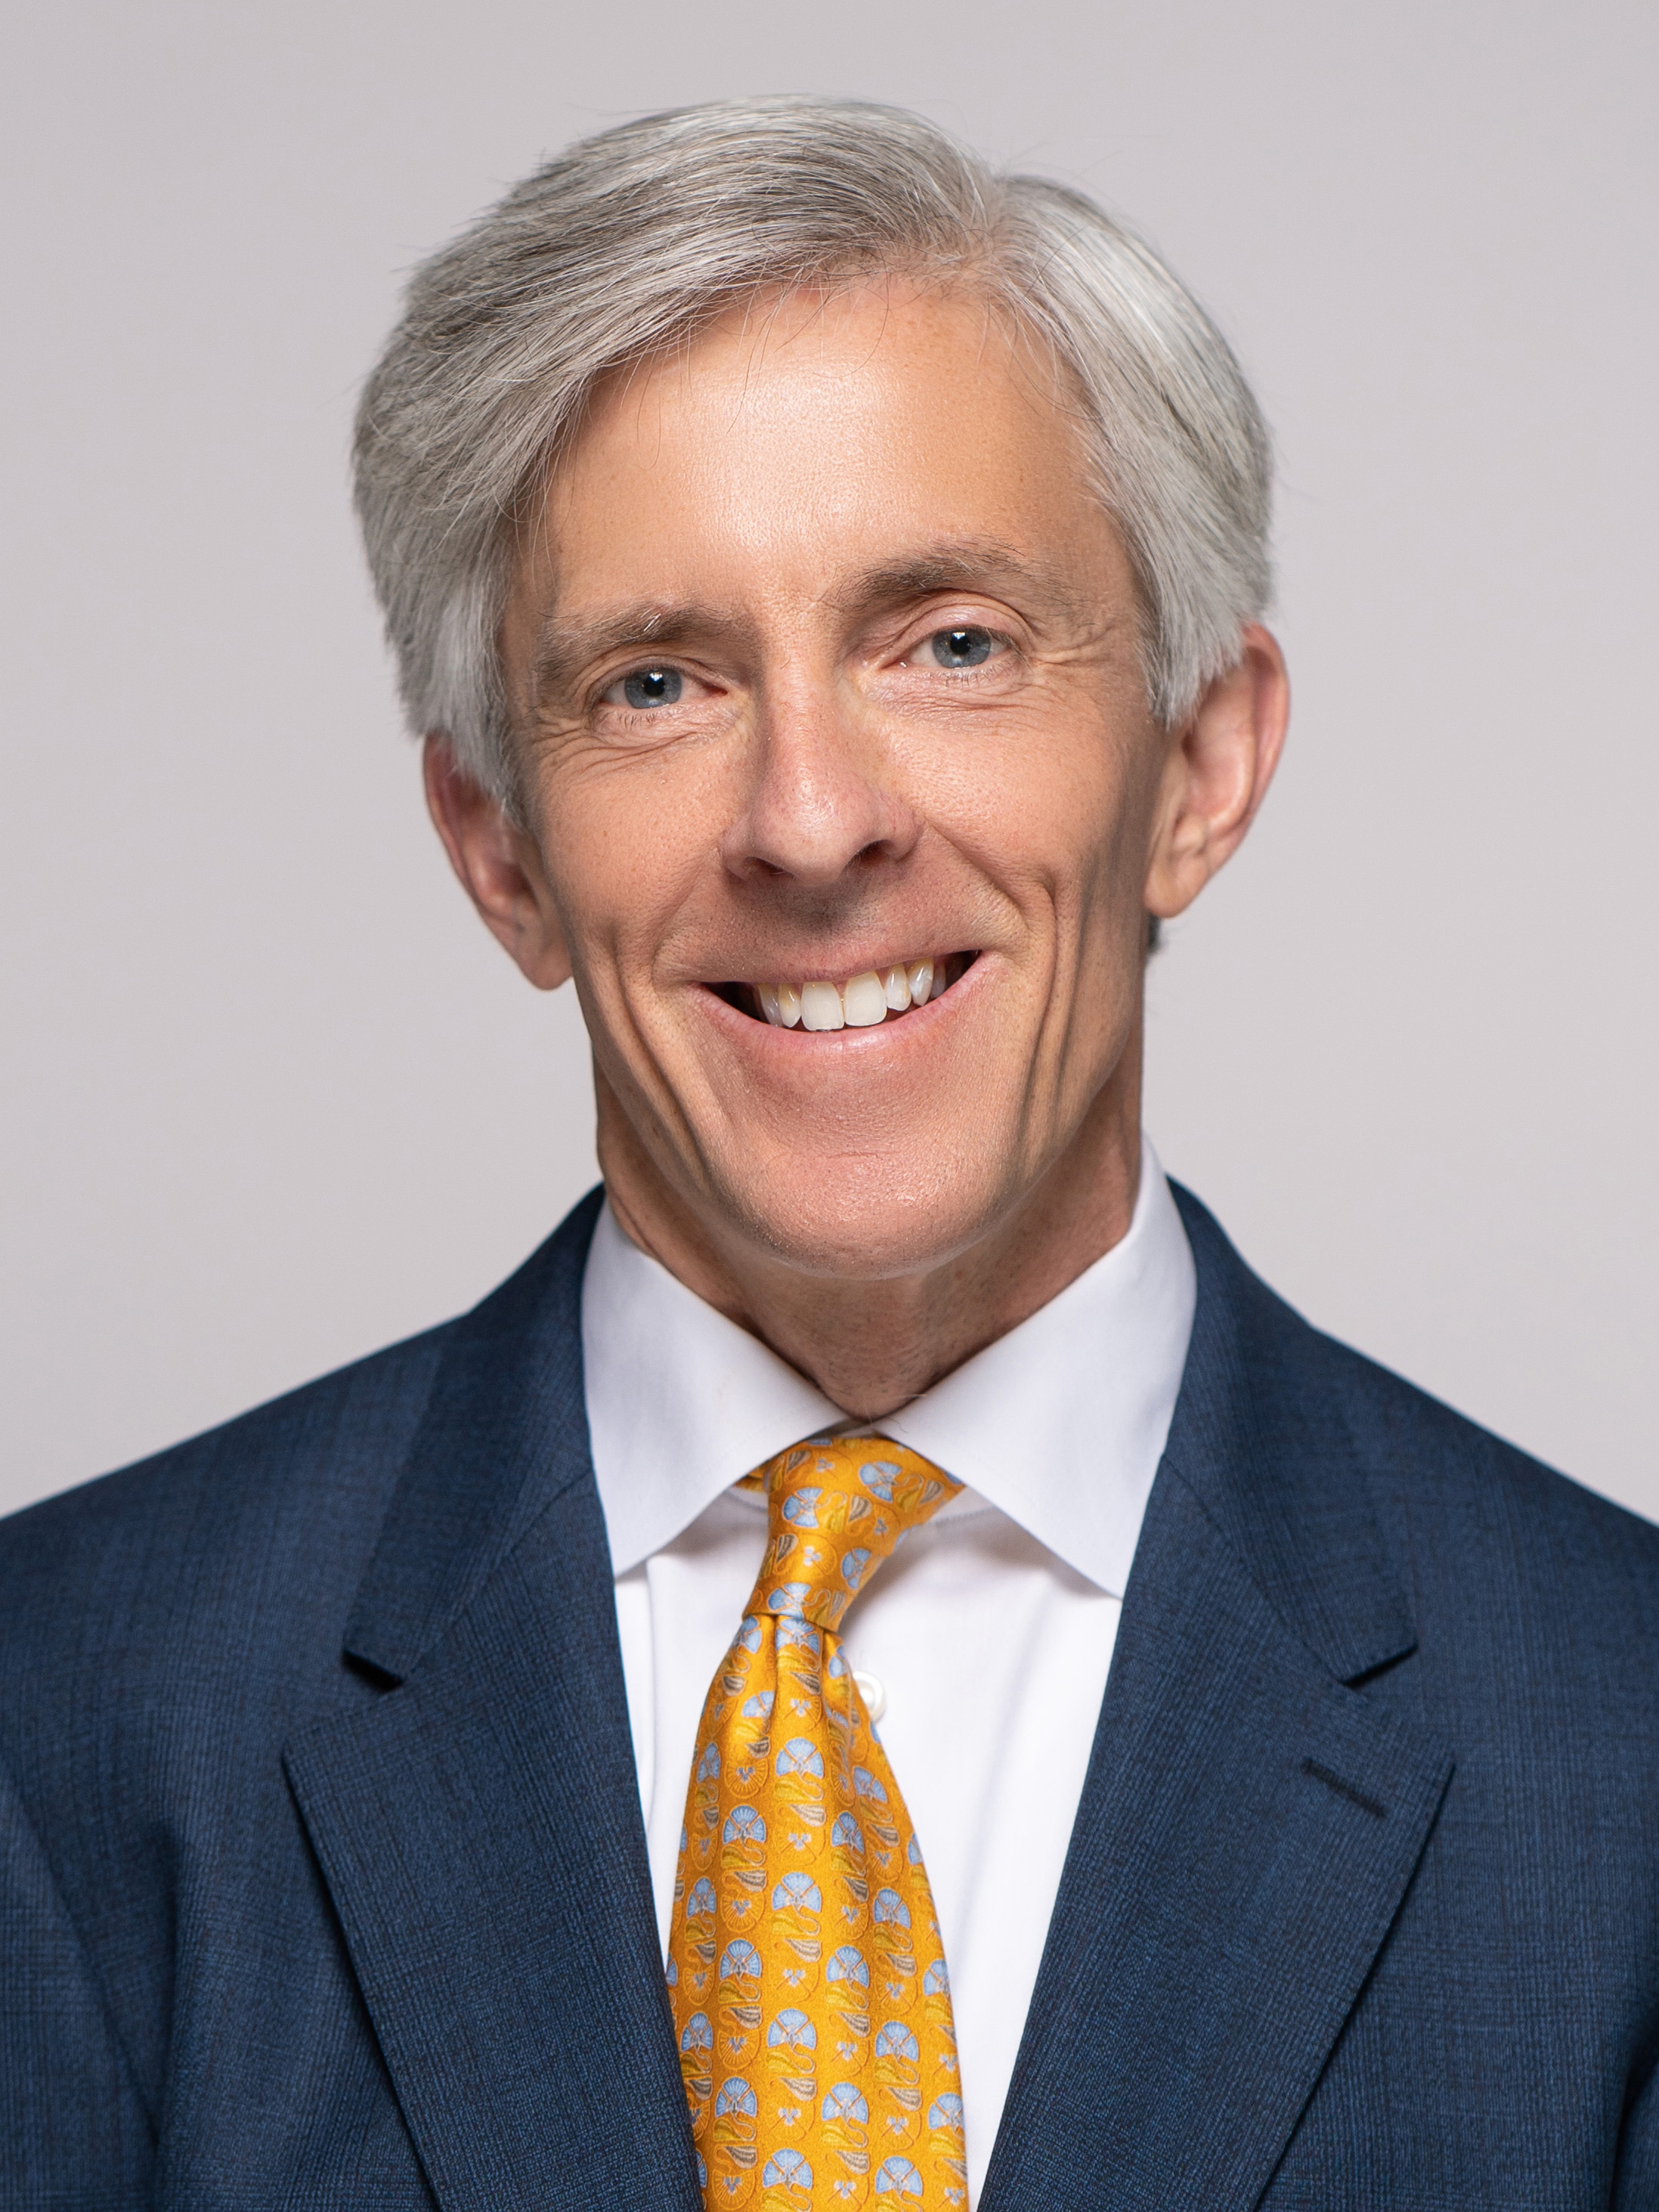 Michael Mulroy